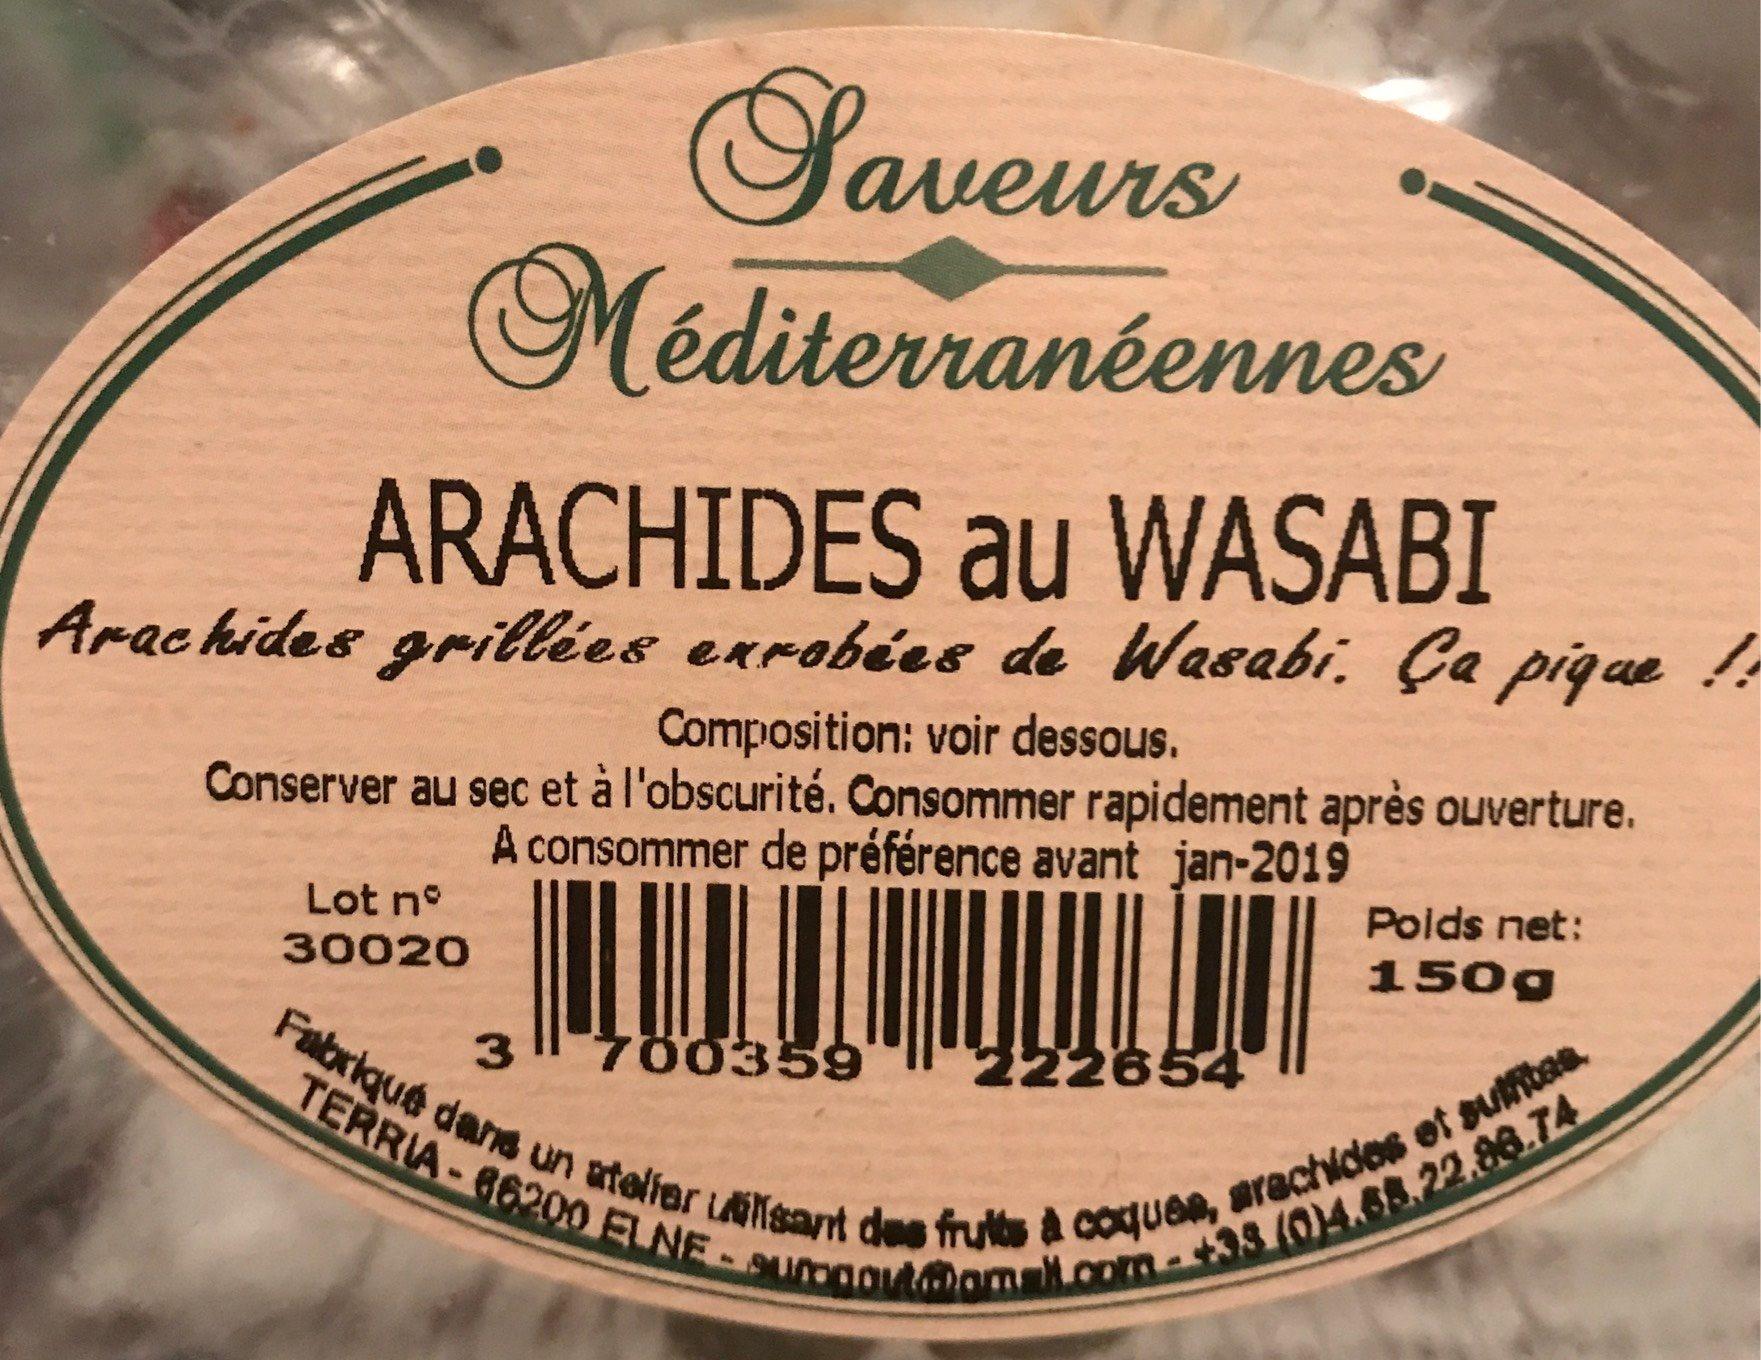 Arachide au wasabi - Produit - fr